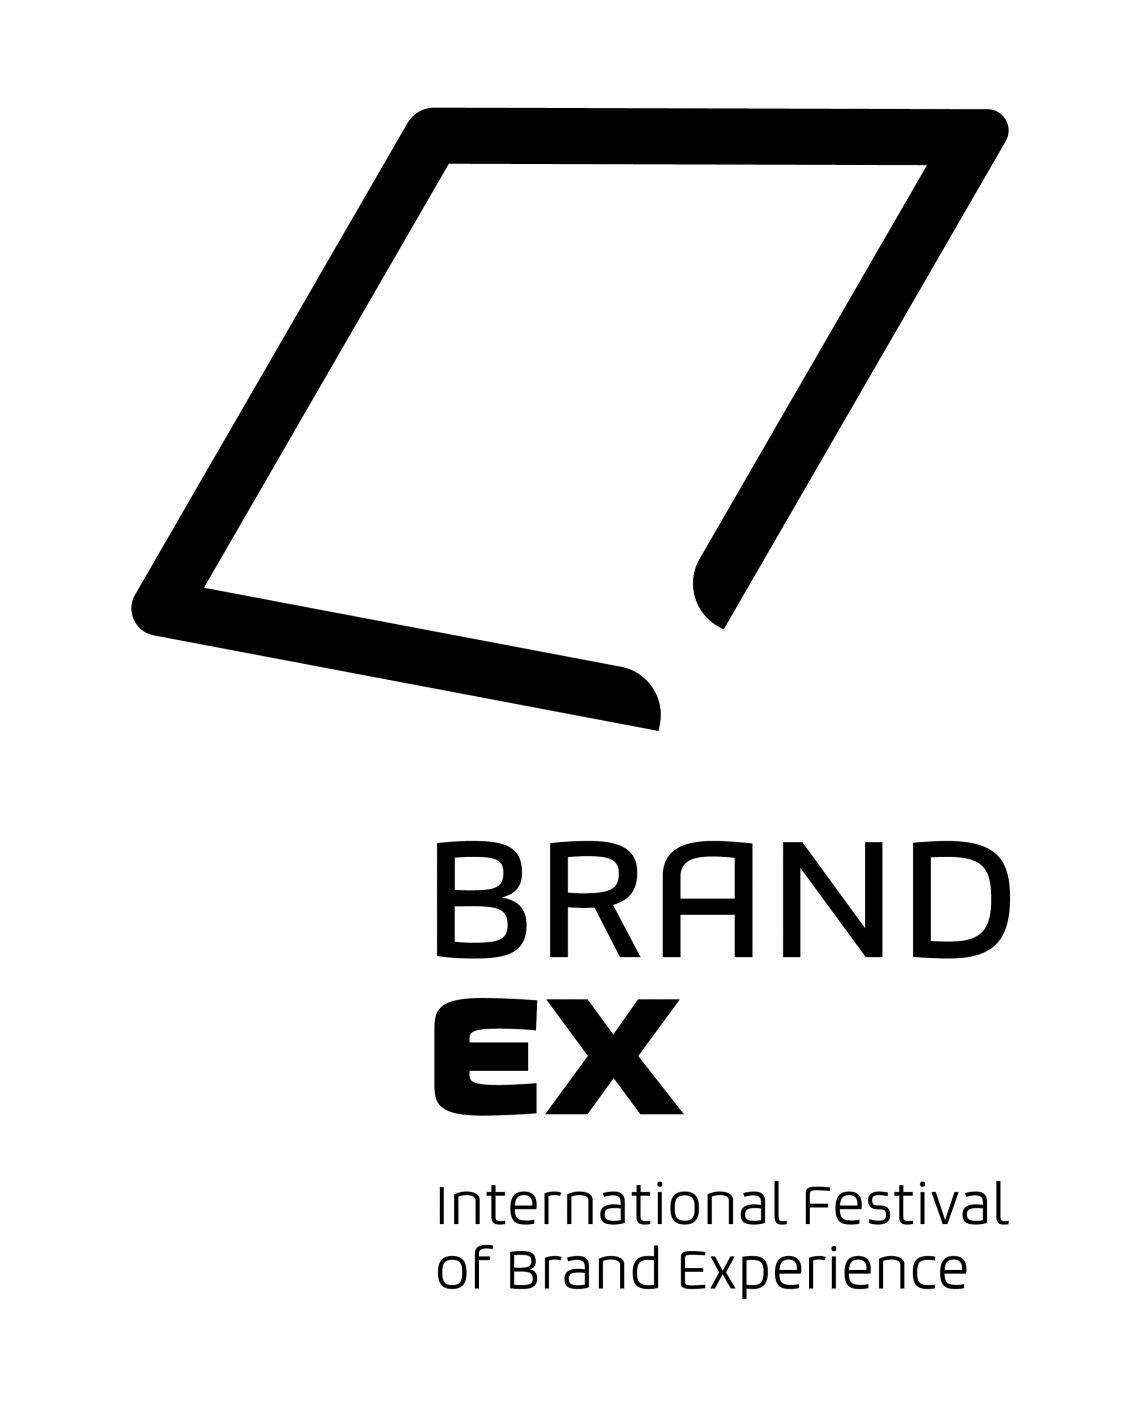 Einreichungsfrist für BrandEx Award 2019 endet am 11. November 2018